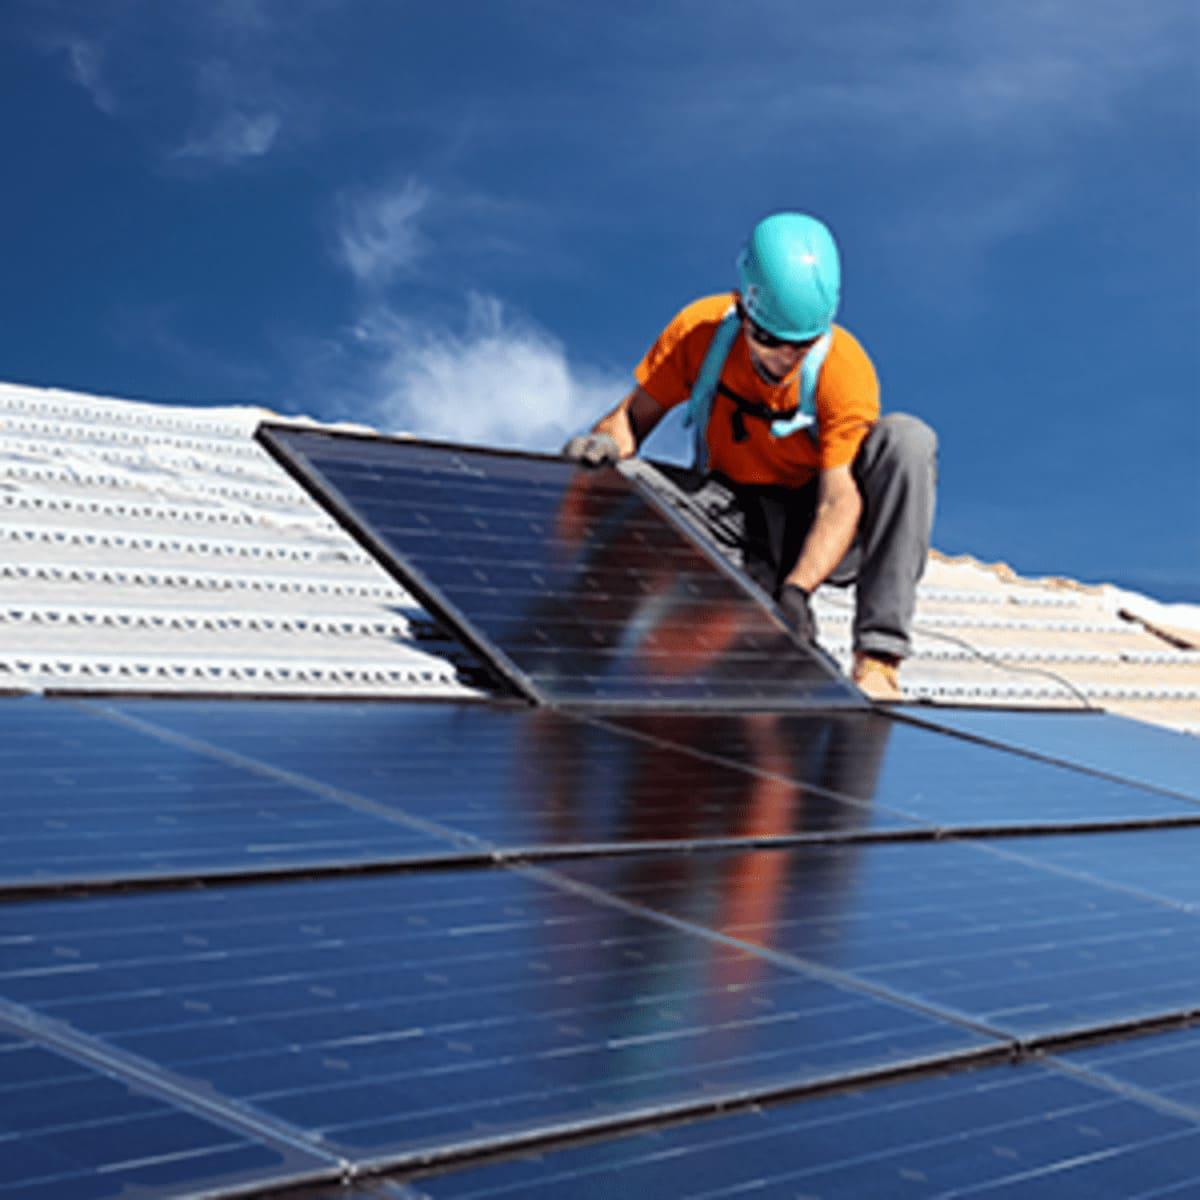 Installation panneaux solaires Photovolt